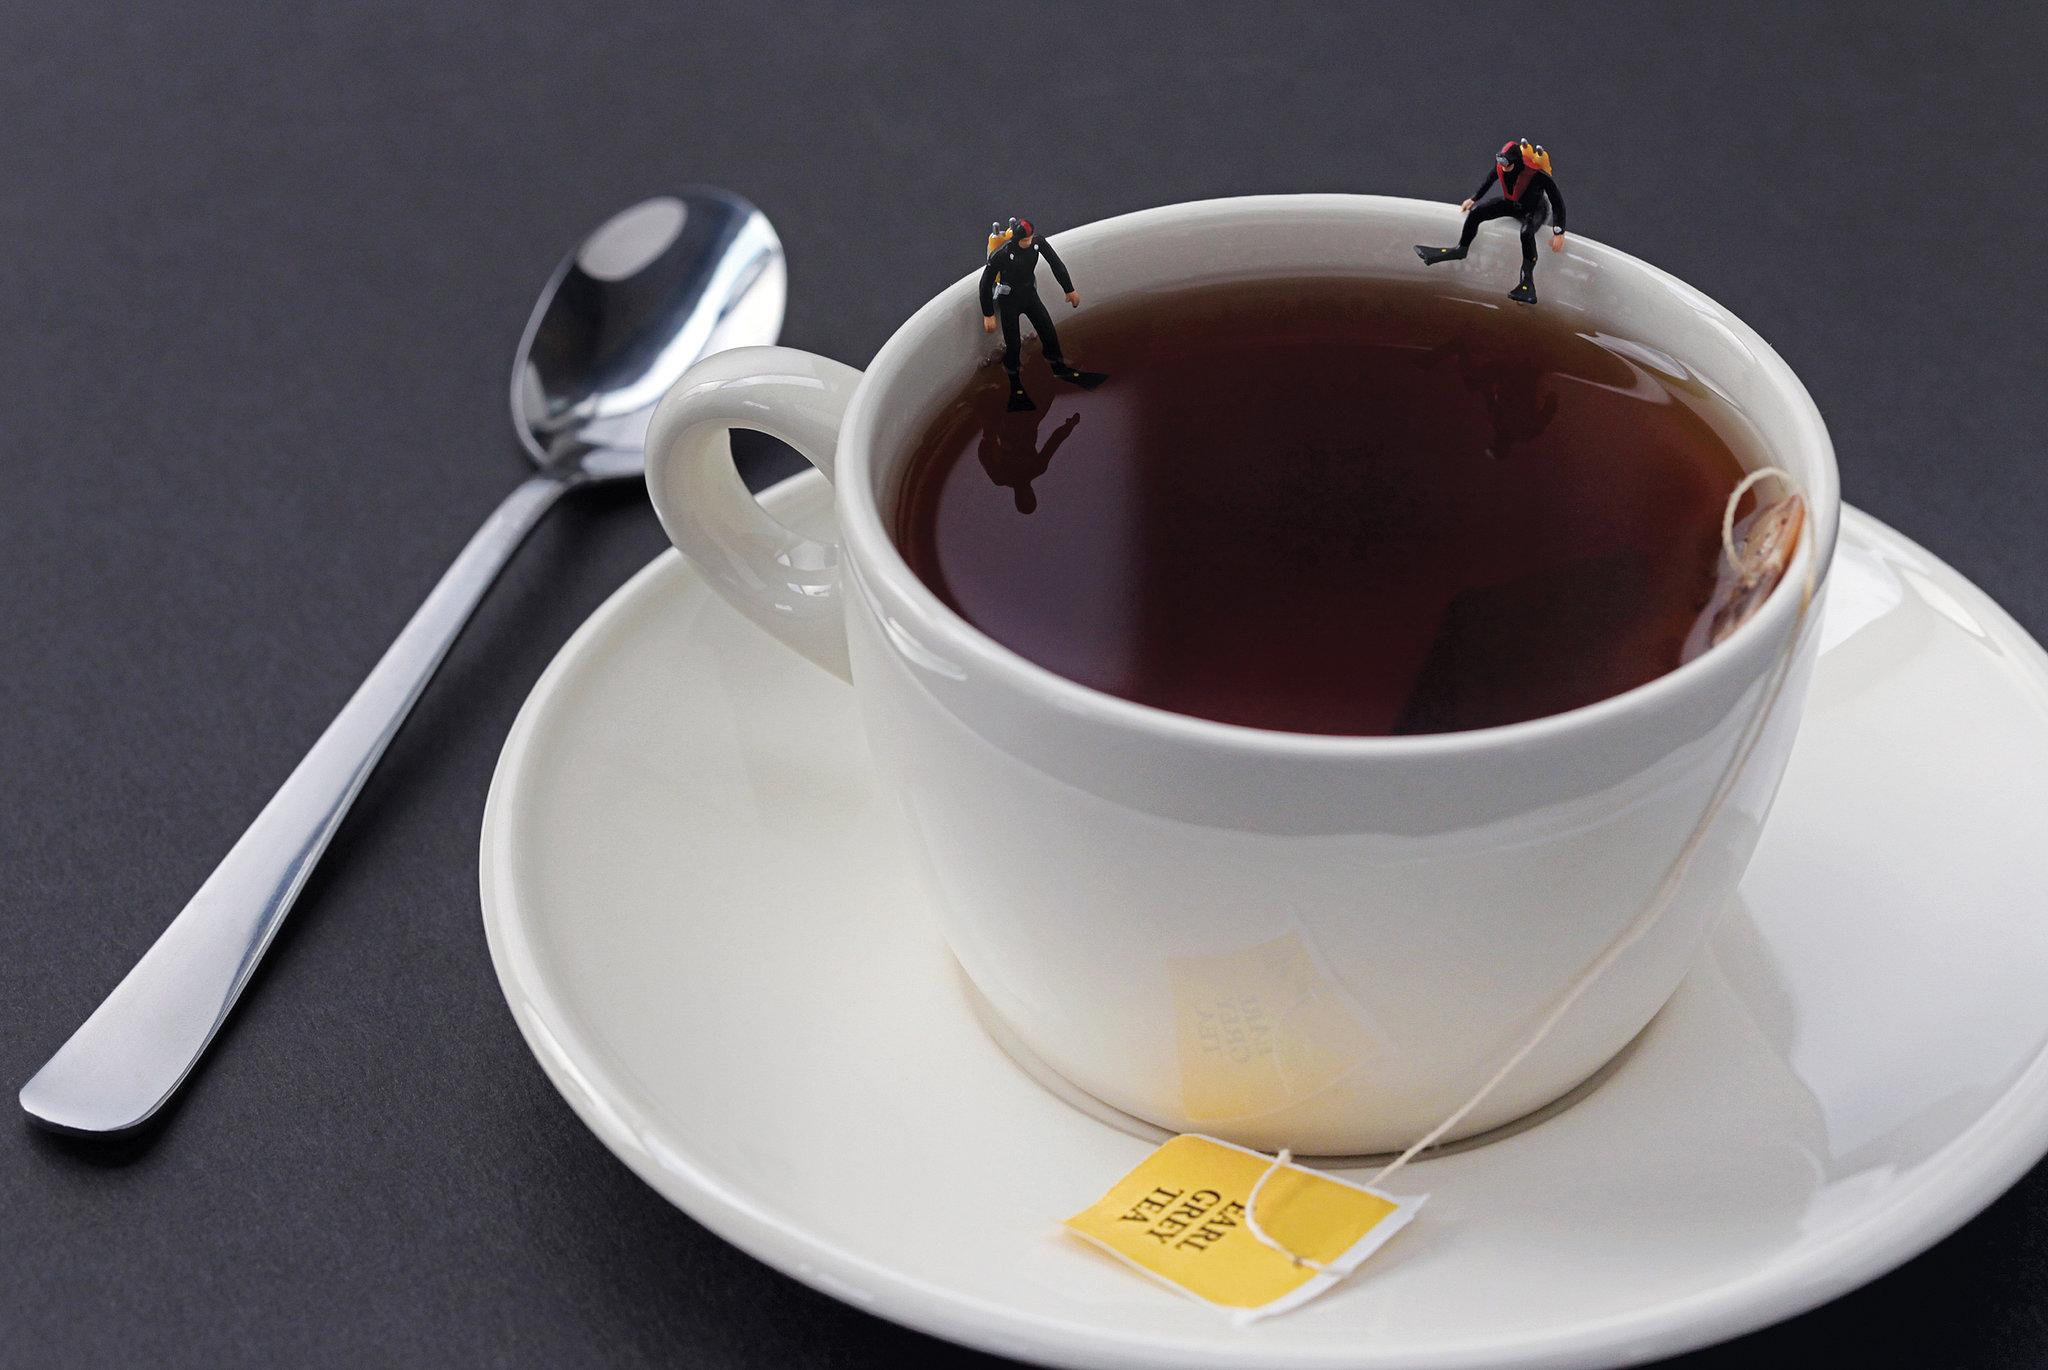 Teacup Scuba